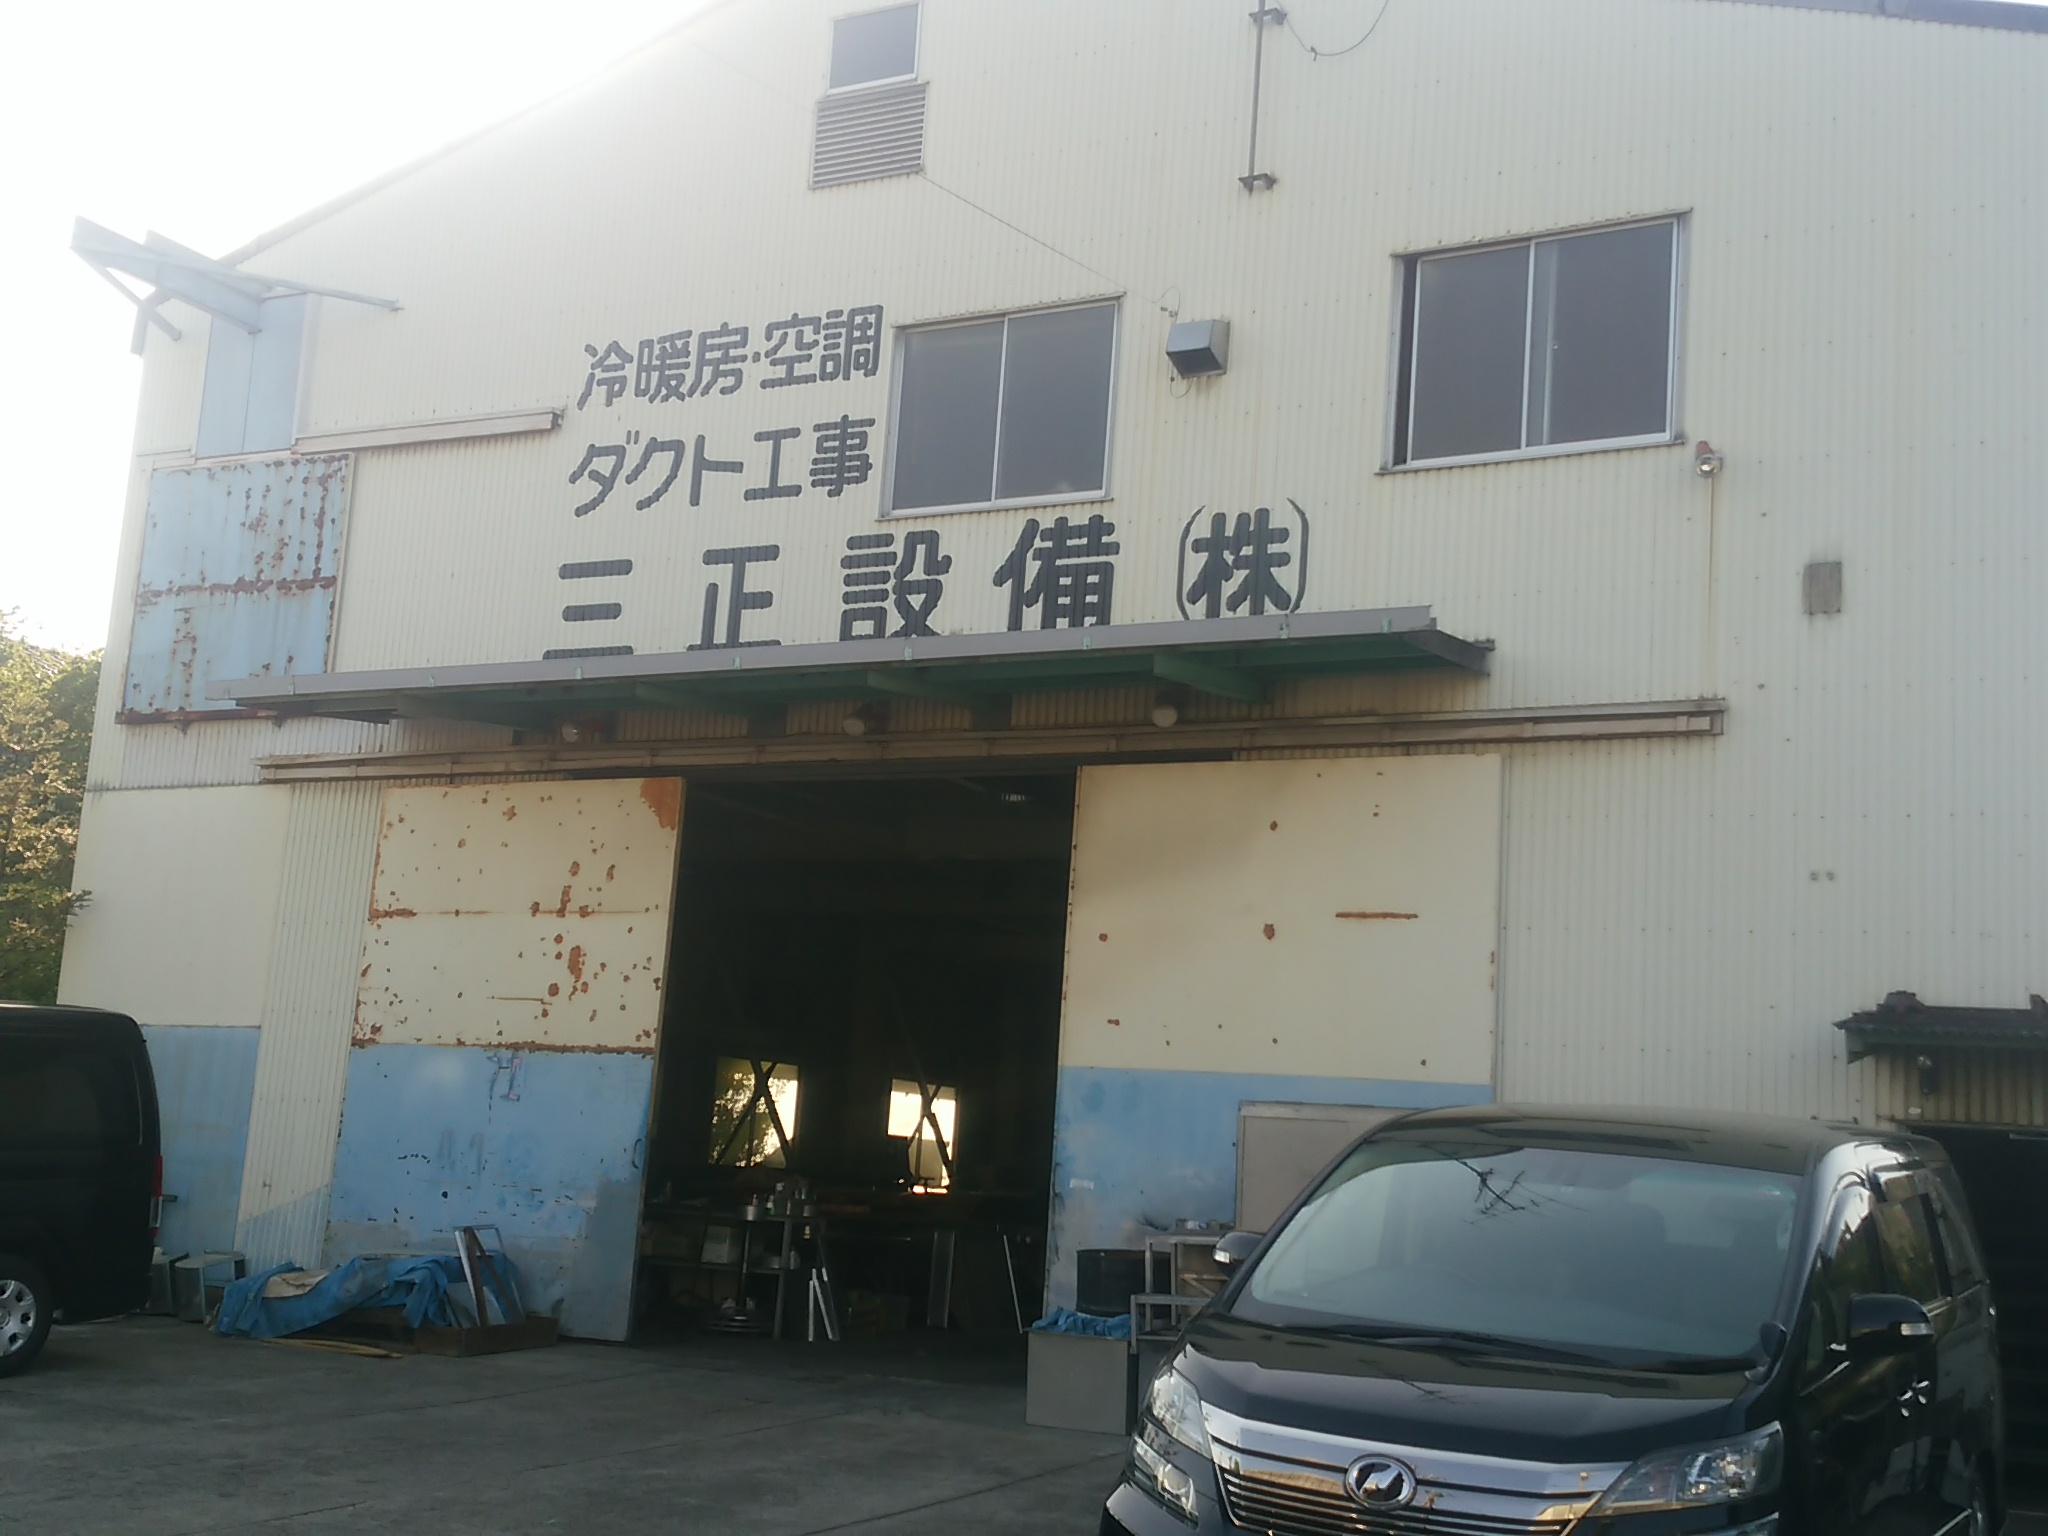 三正設備株式会社(さんせいせつびかぶしきがいしゃ)